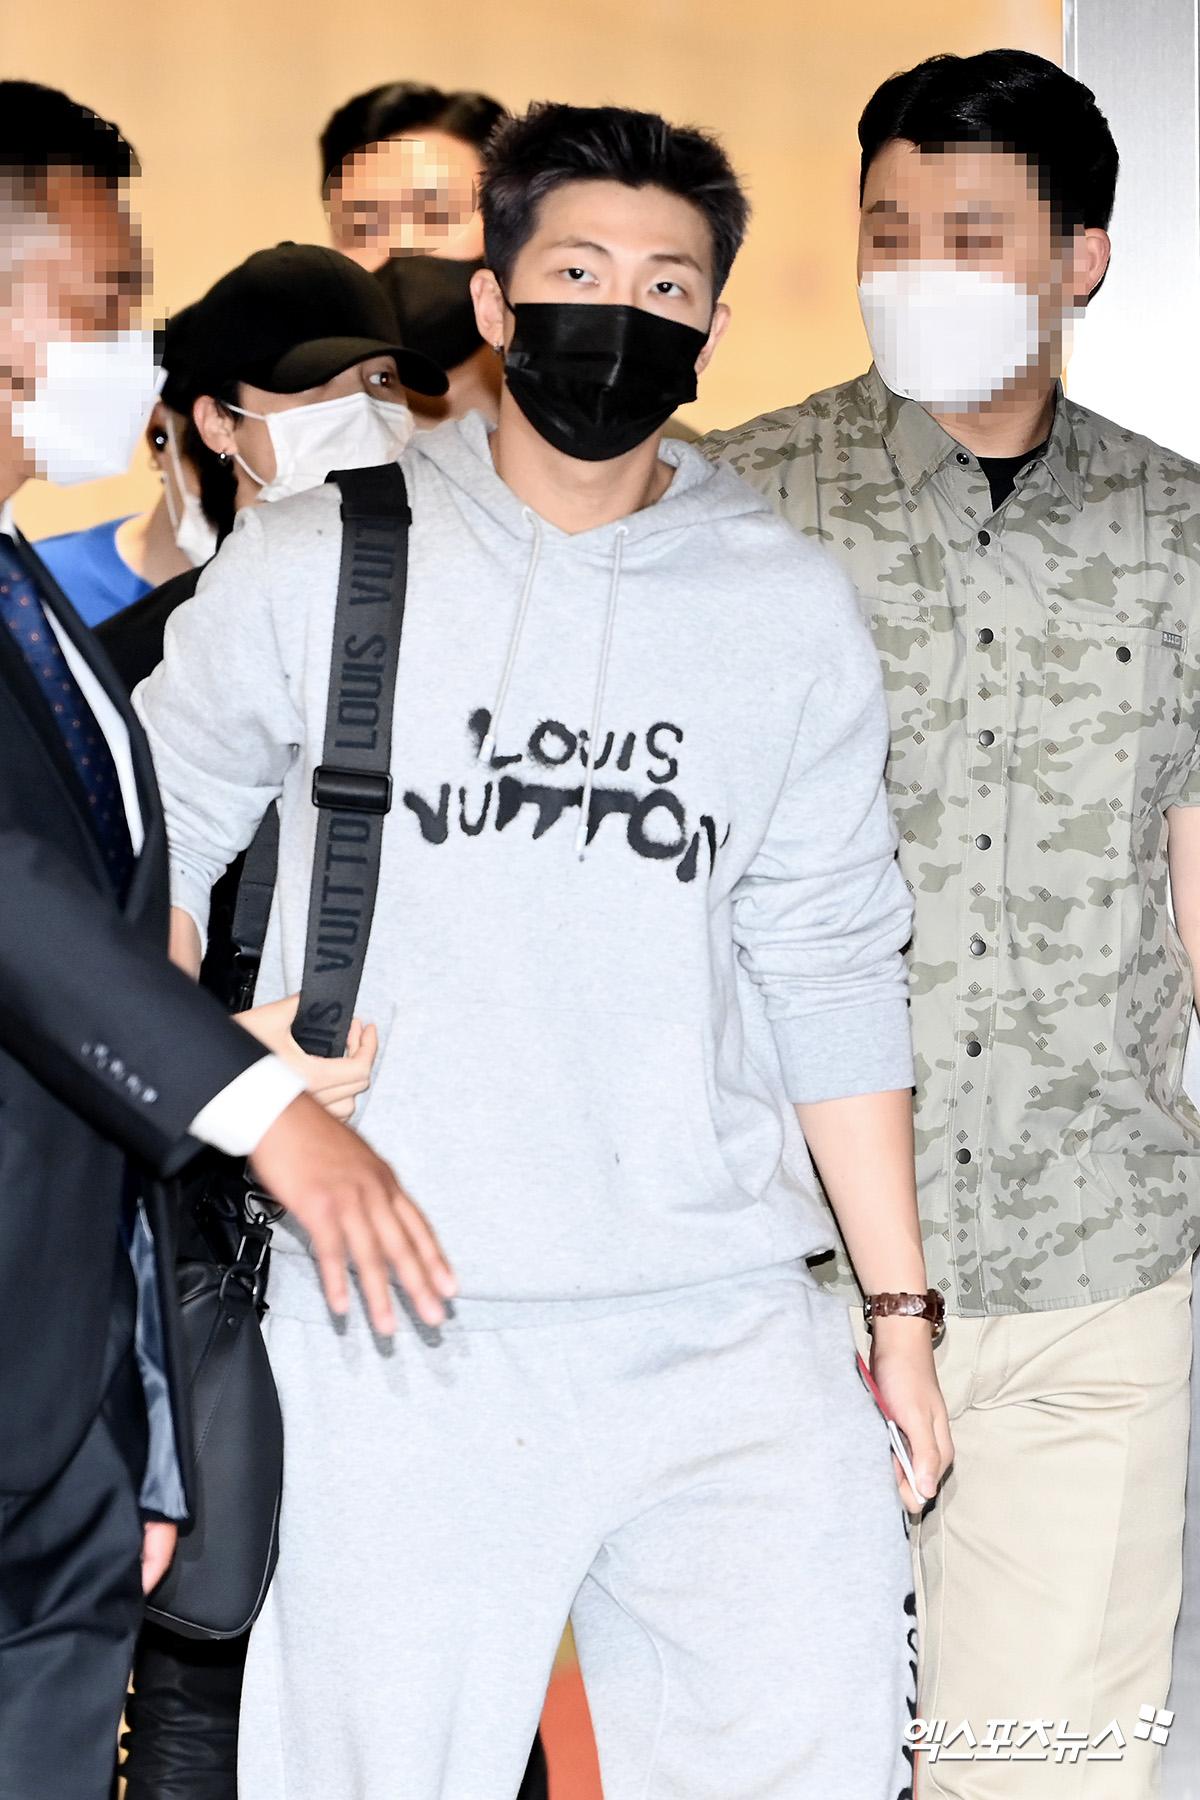 BTS đổ bộ sân bay sang Mỹ dự hội nghị Liên Hợp Quốc: V - Jungkook đeo khẩu trang kín mít vẫn soái xỉu, nhìn quần áo của J-Hope mà bật ngửa - Ảnh 11.